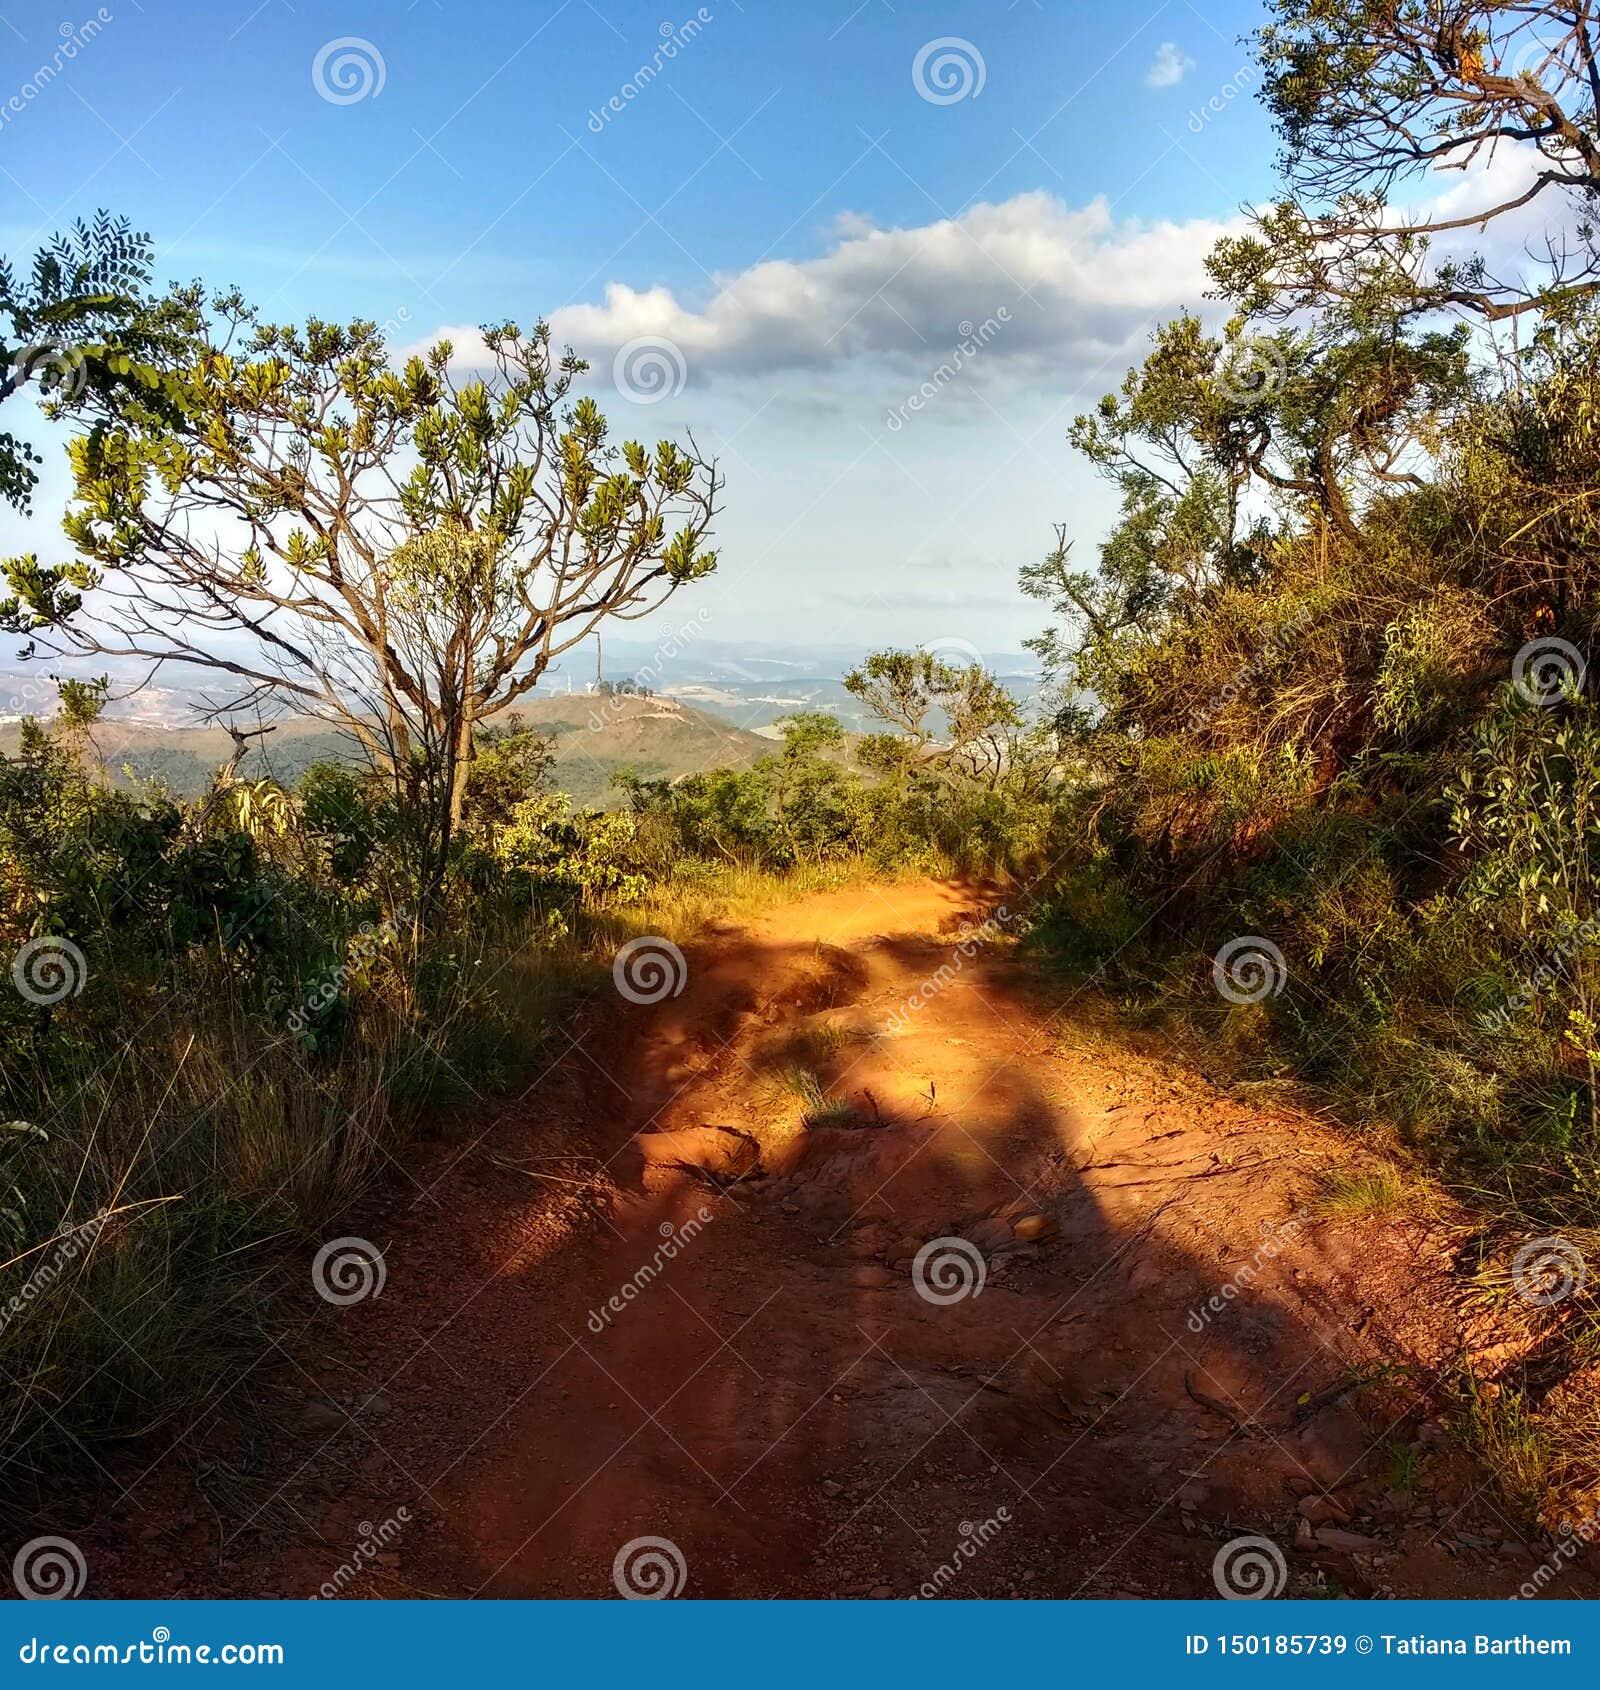 树之间的土路道路在山